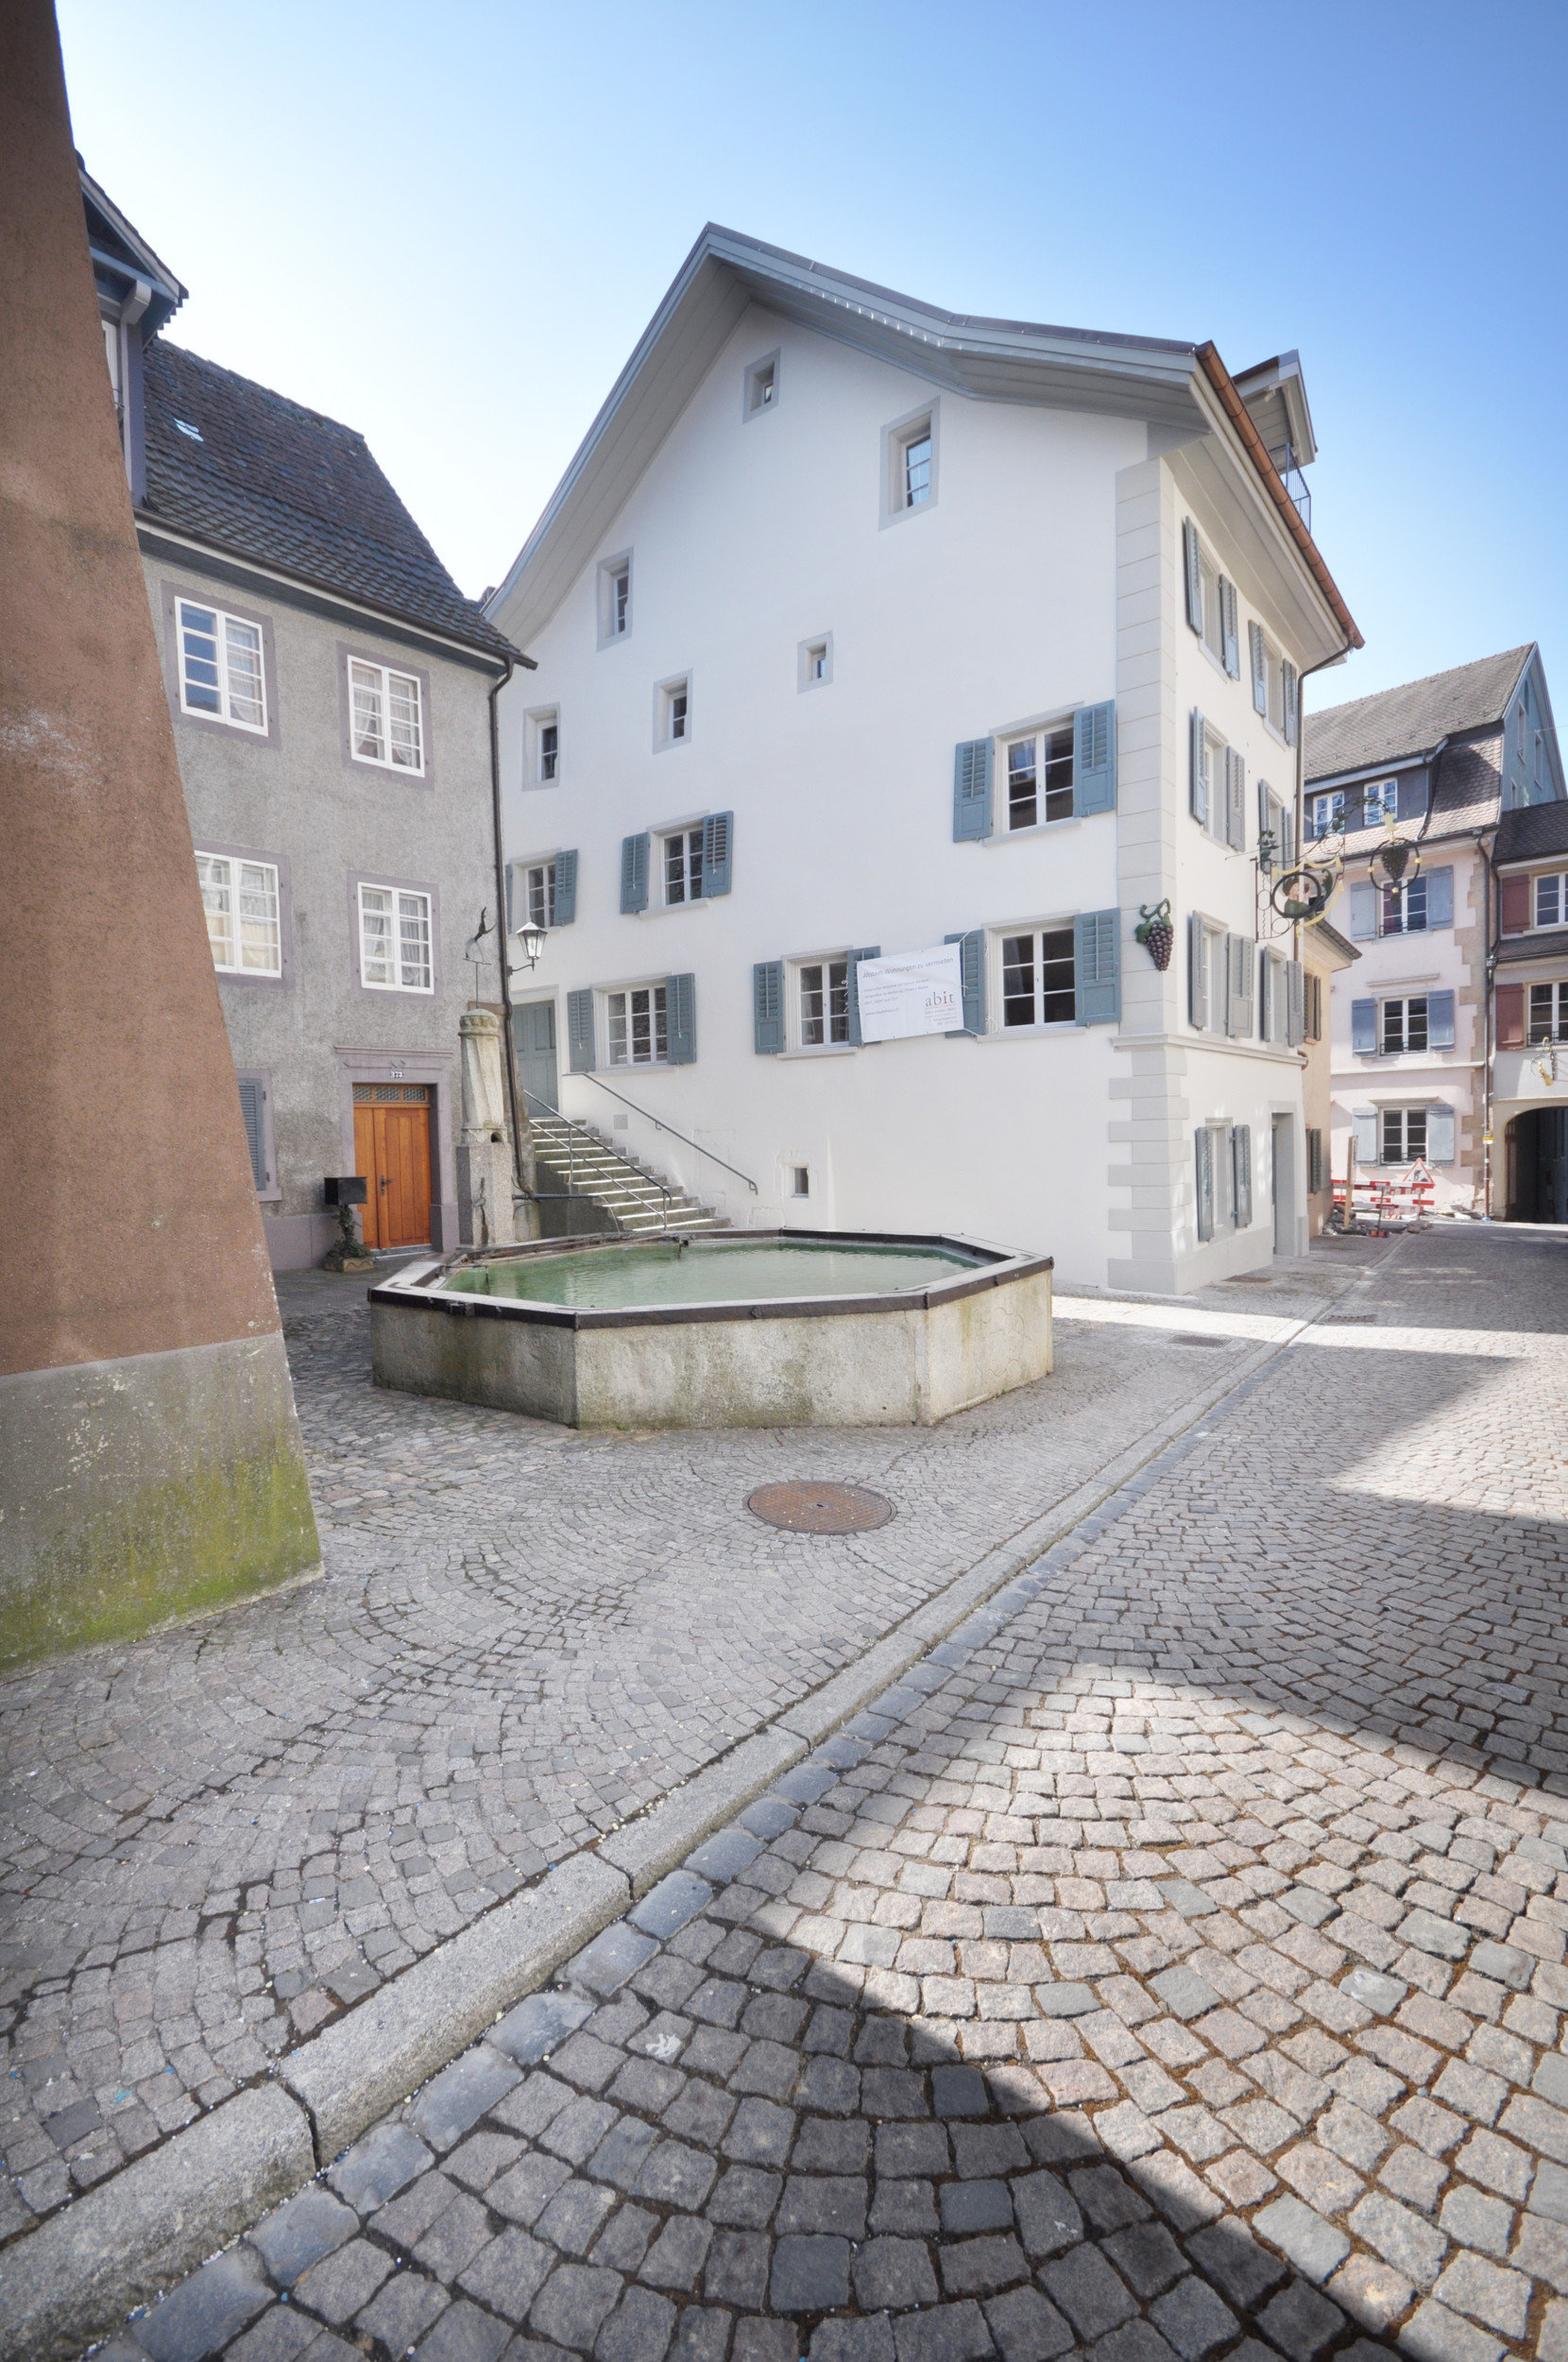 Denkmalgeschütztes Altstadthaus aus dem 16. Jahrhundert mit Sprossenfenster und Läden